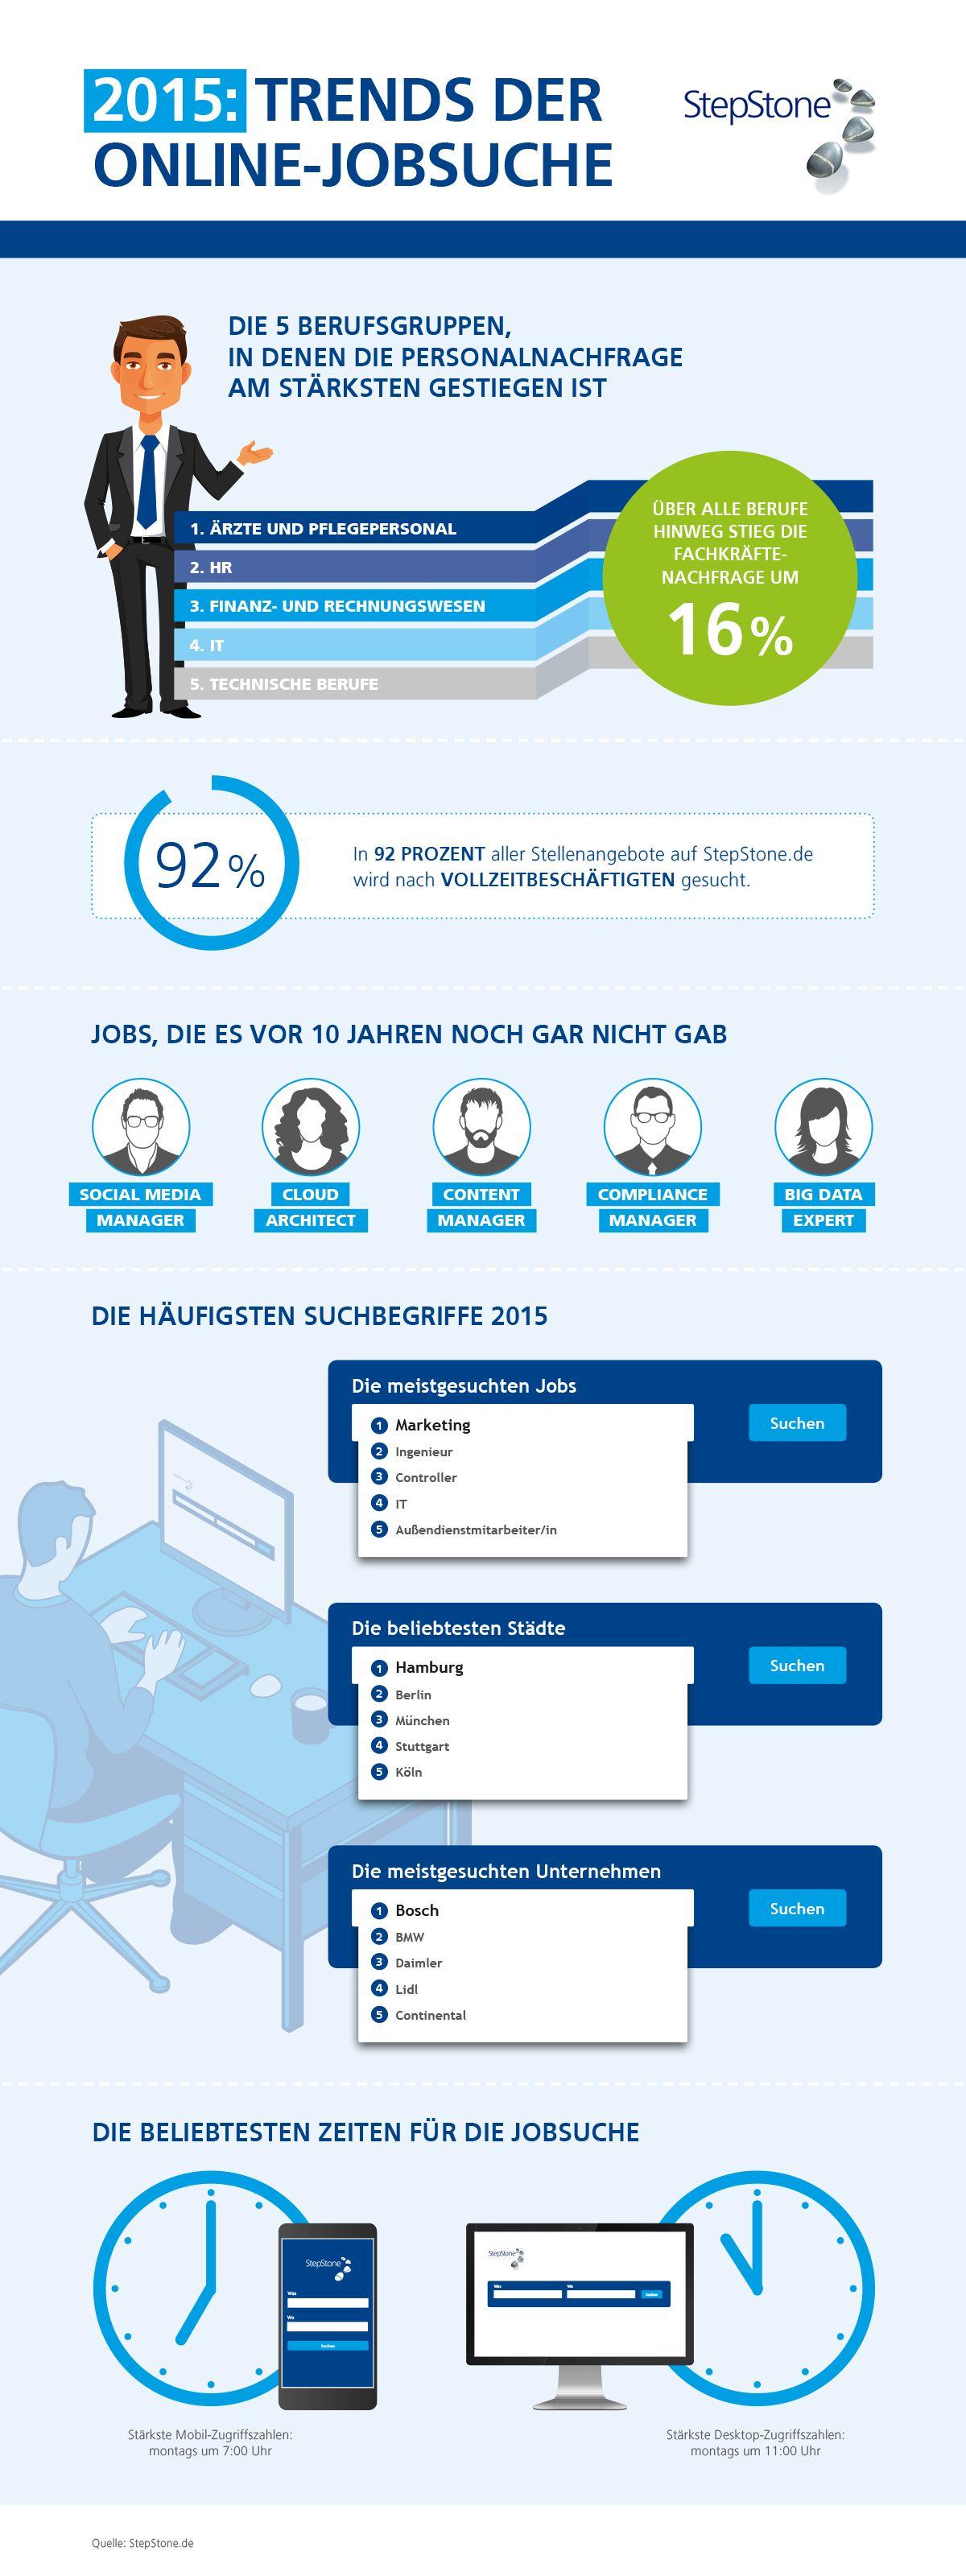 2015: Trends der Online-Jobsuche